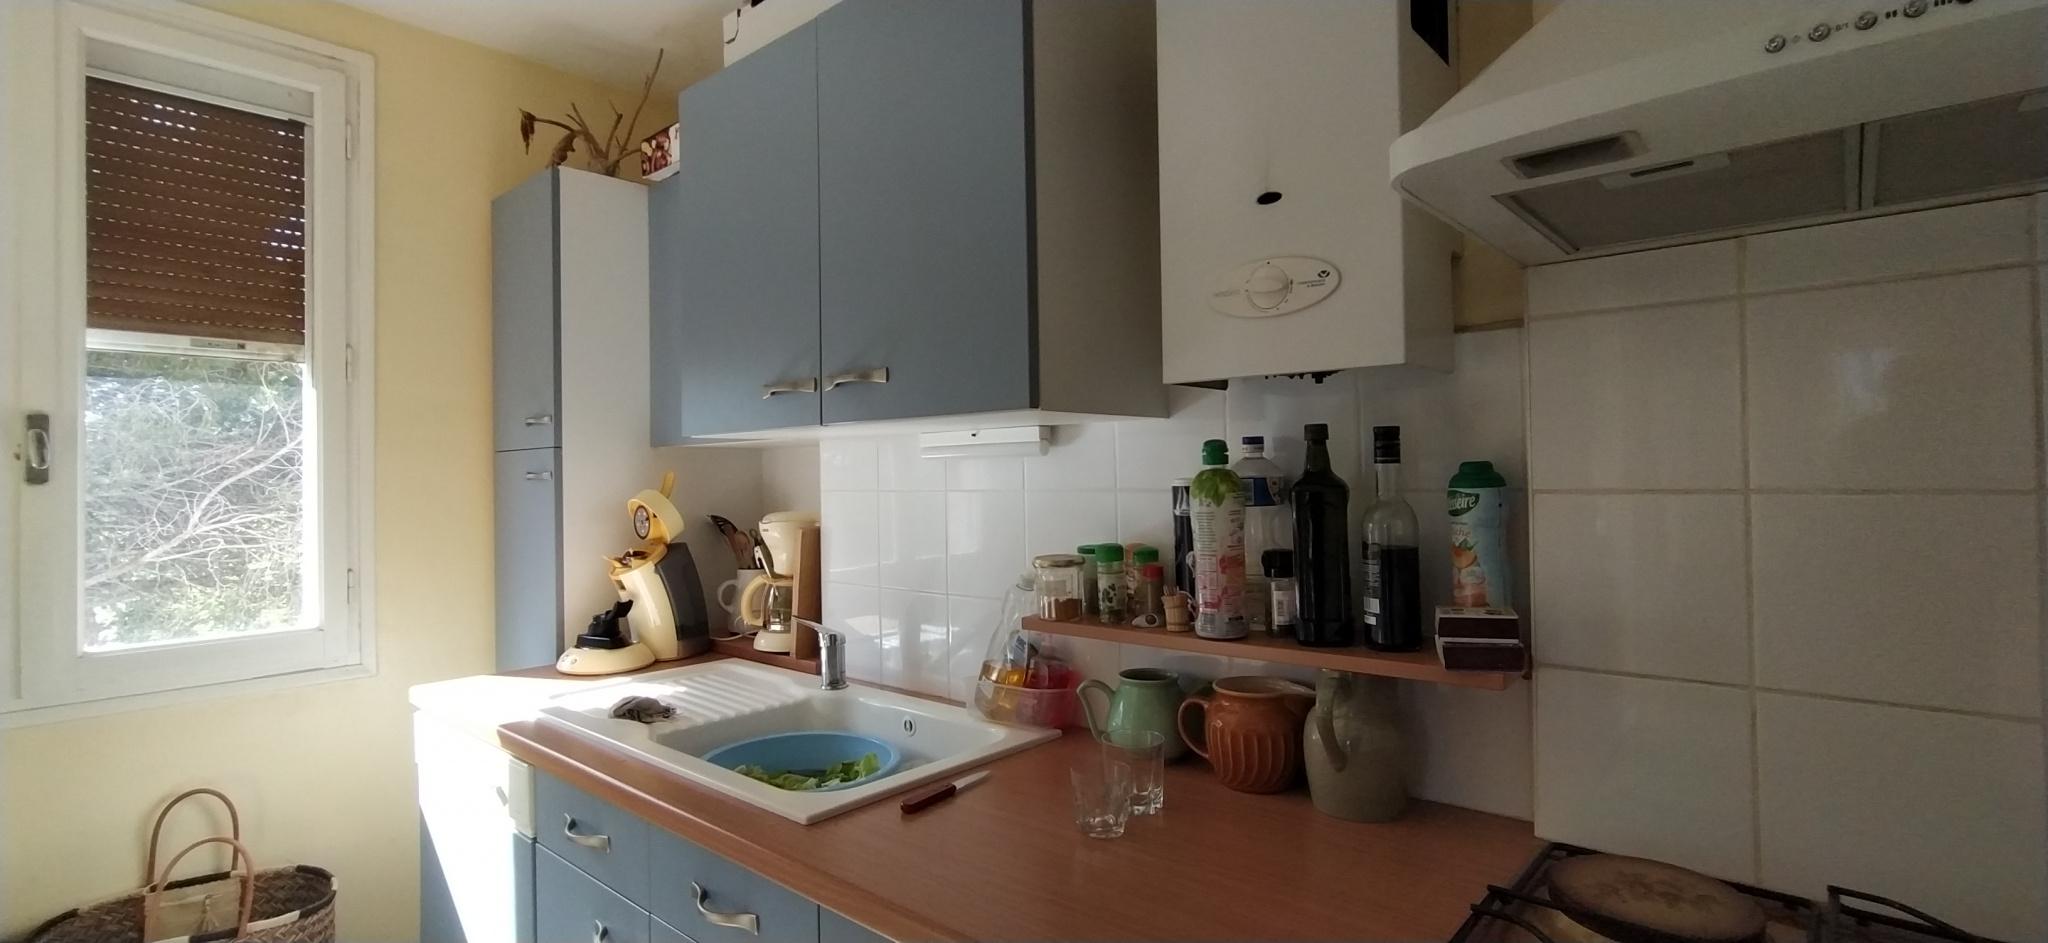 À vendre appartement de 45m2 à argeles sur mer (66700) - Photo 4'